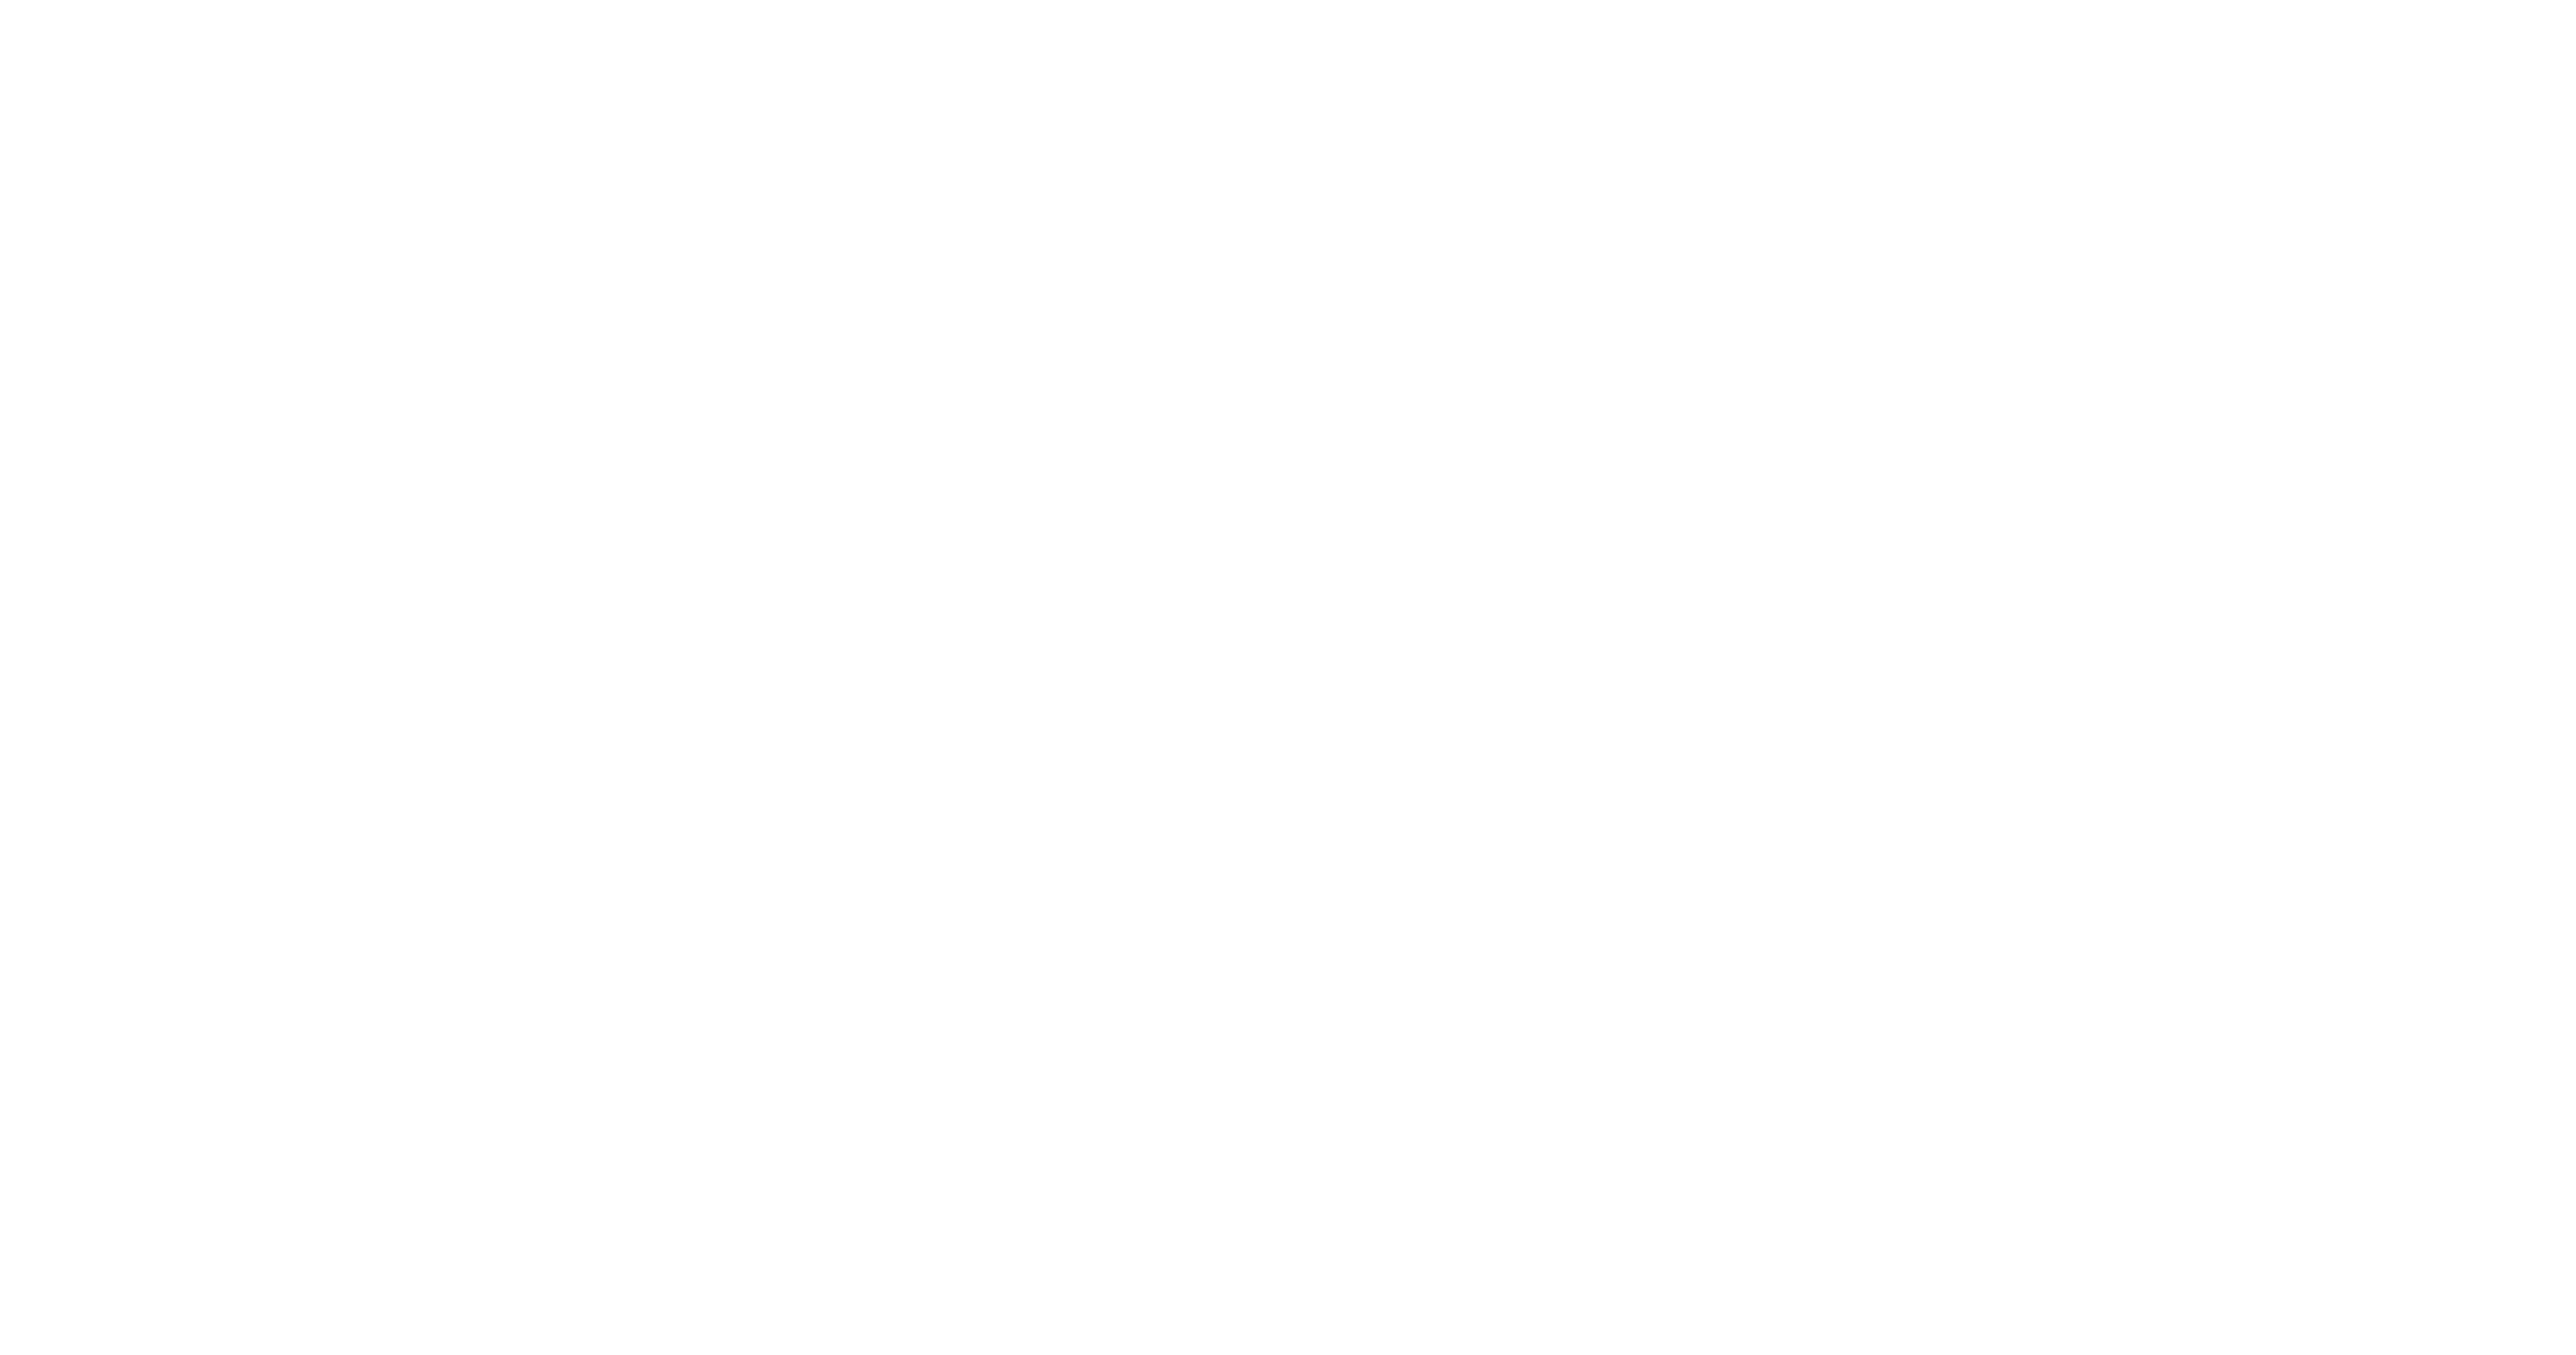 Lagerinnredning AS - Hvit Logo